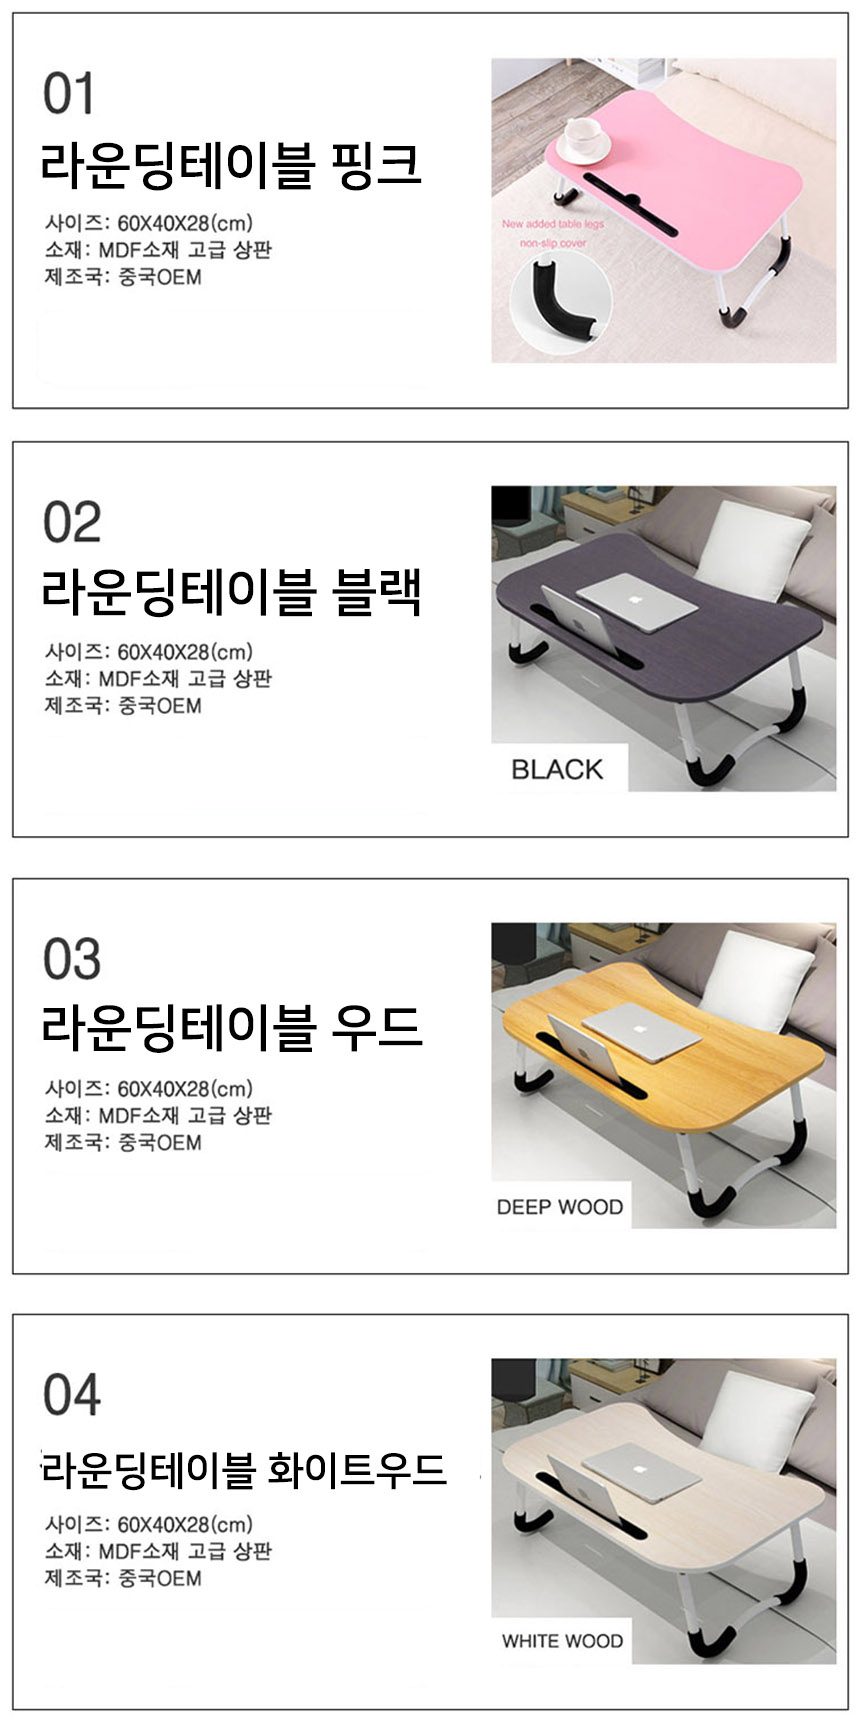 튼튼한 접이식 좌식 테이블 - 지음, 13,950원, 미니 테이블, 미니 테이블